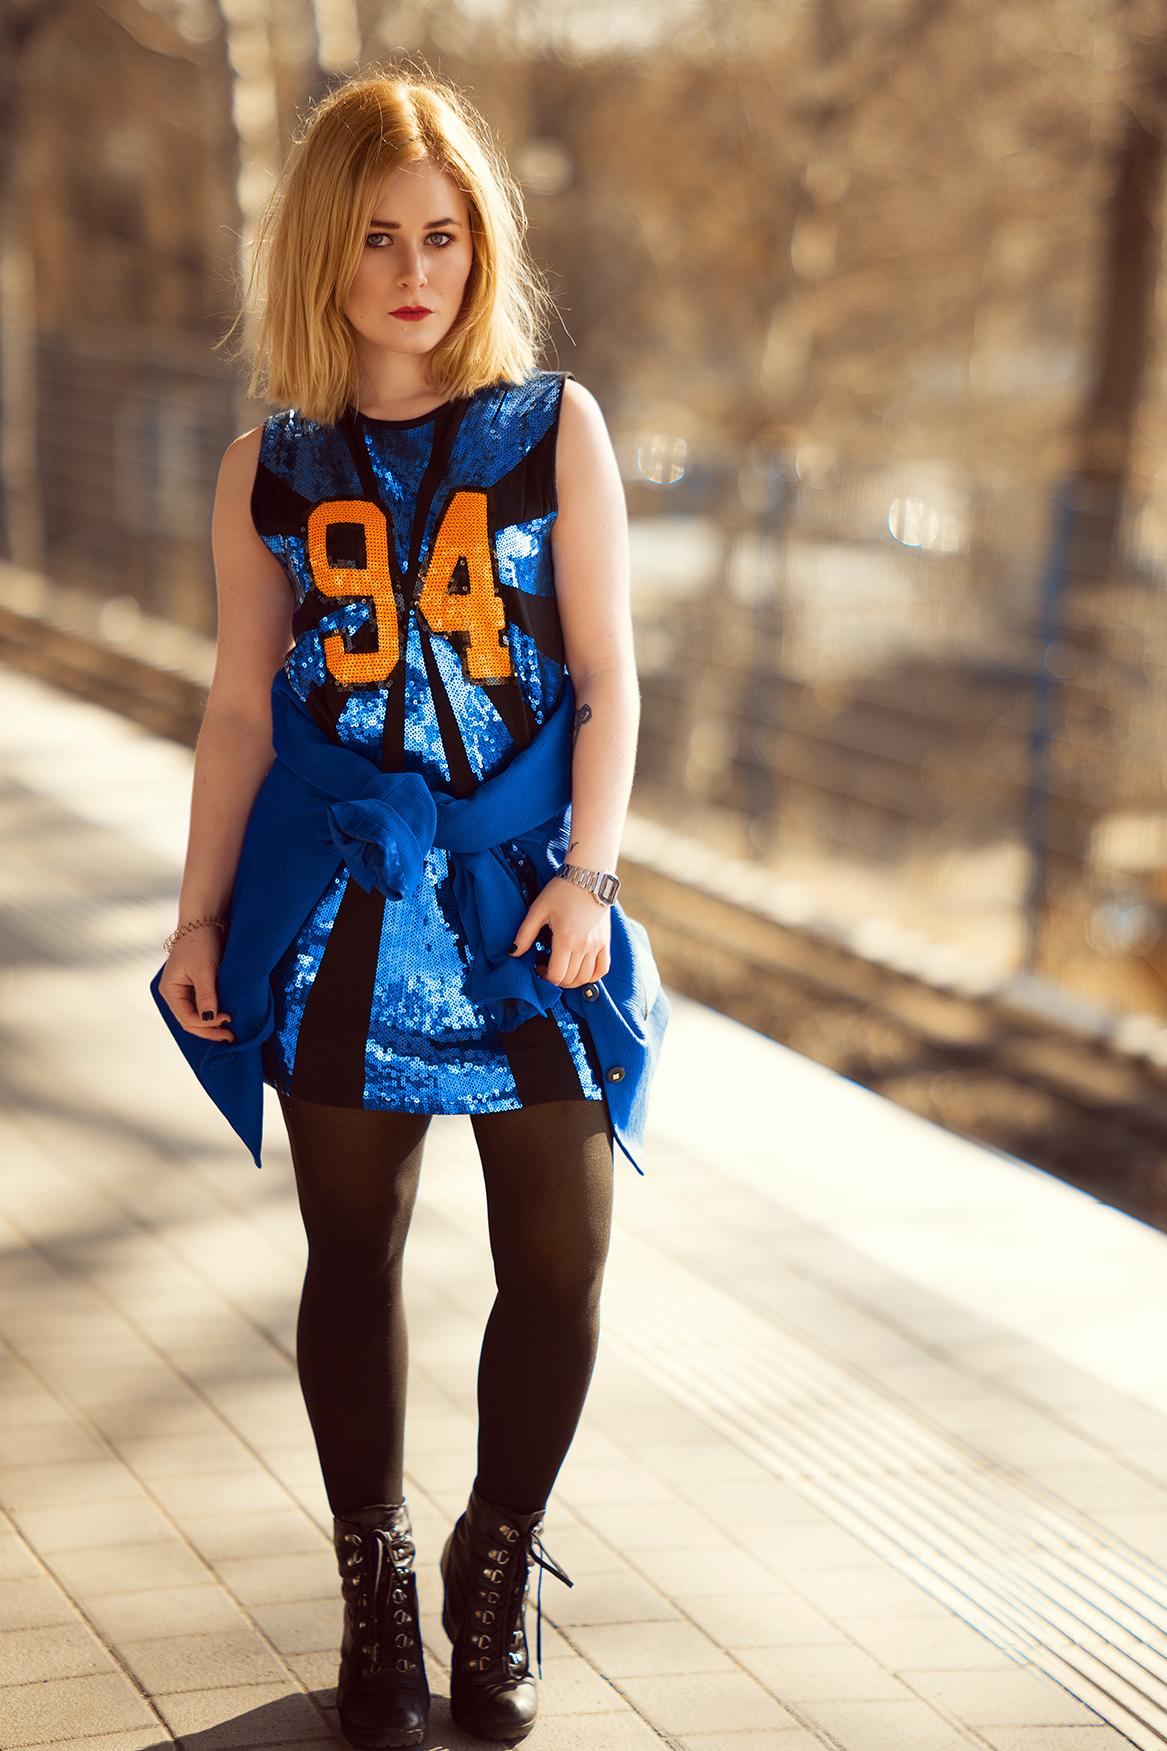 cooles-outfit-im-90er-look-mit-glitzer-kleid